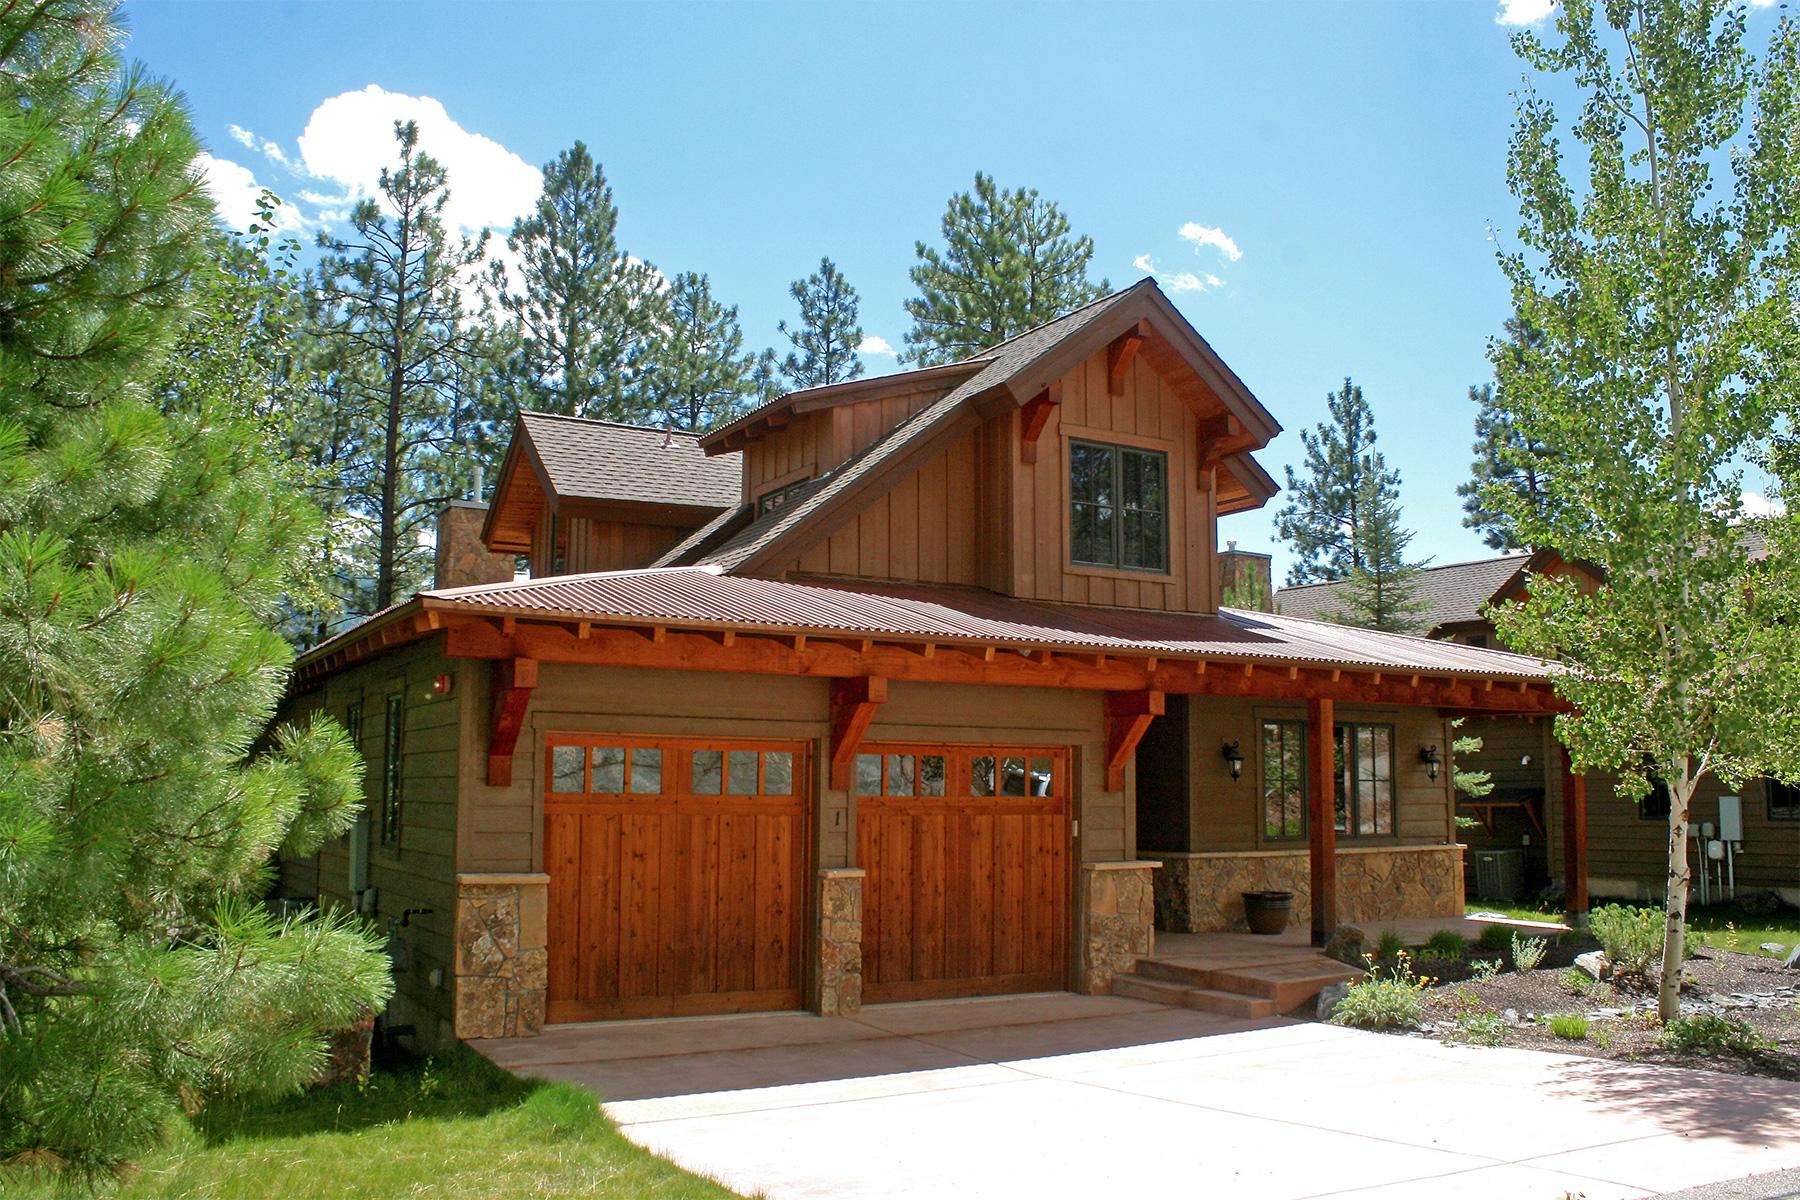 Single Family Home for Sale at 1580 Glacier Club Drive #1 1580 GLACIER CLUB DR #2 Durango, Colorado, 81301 United States